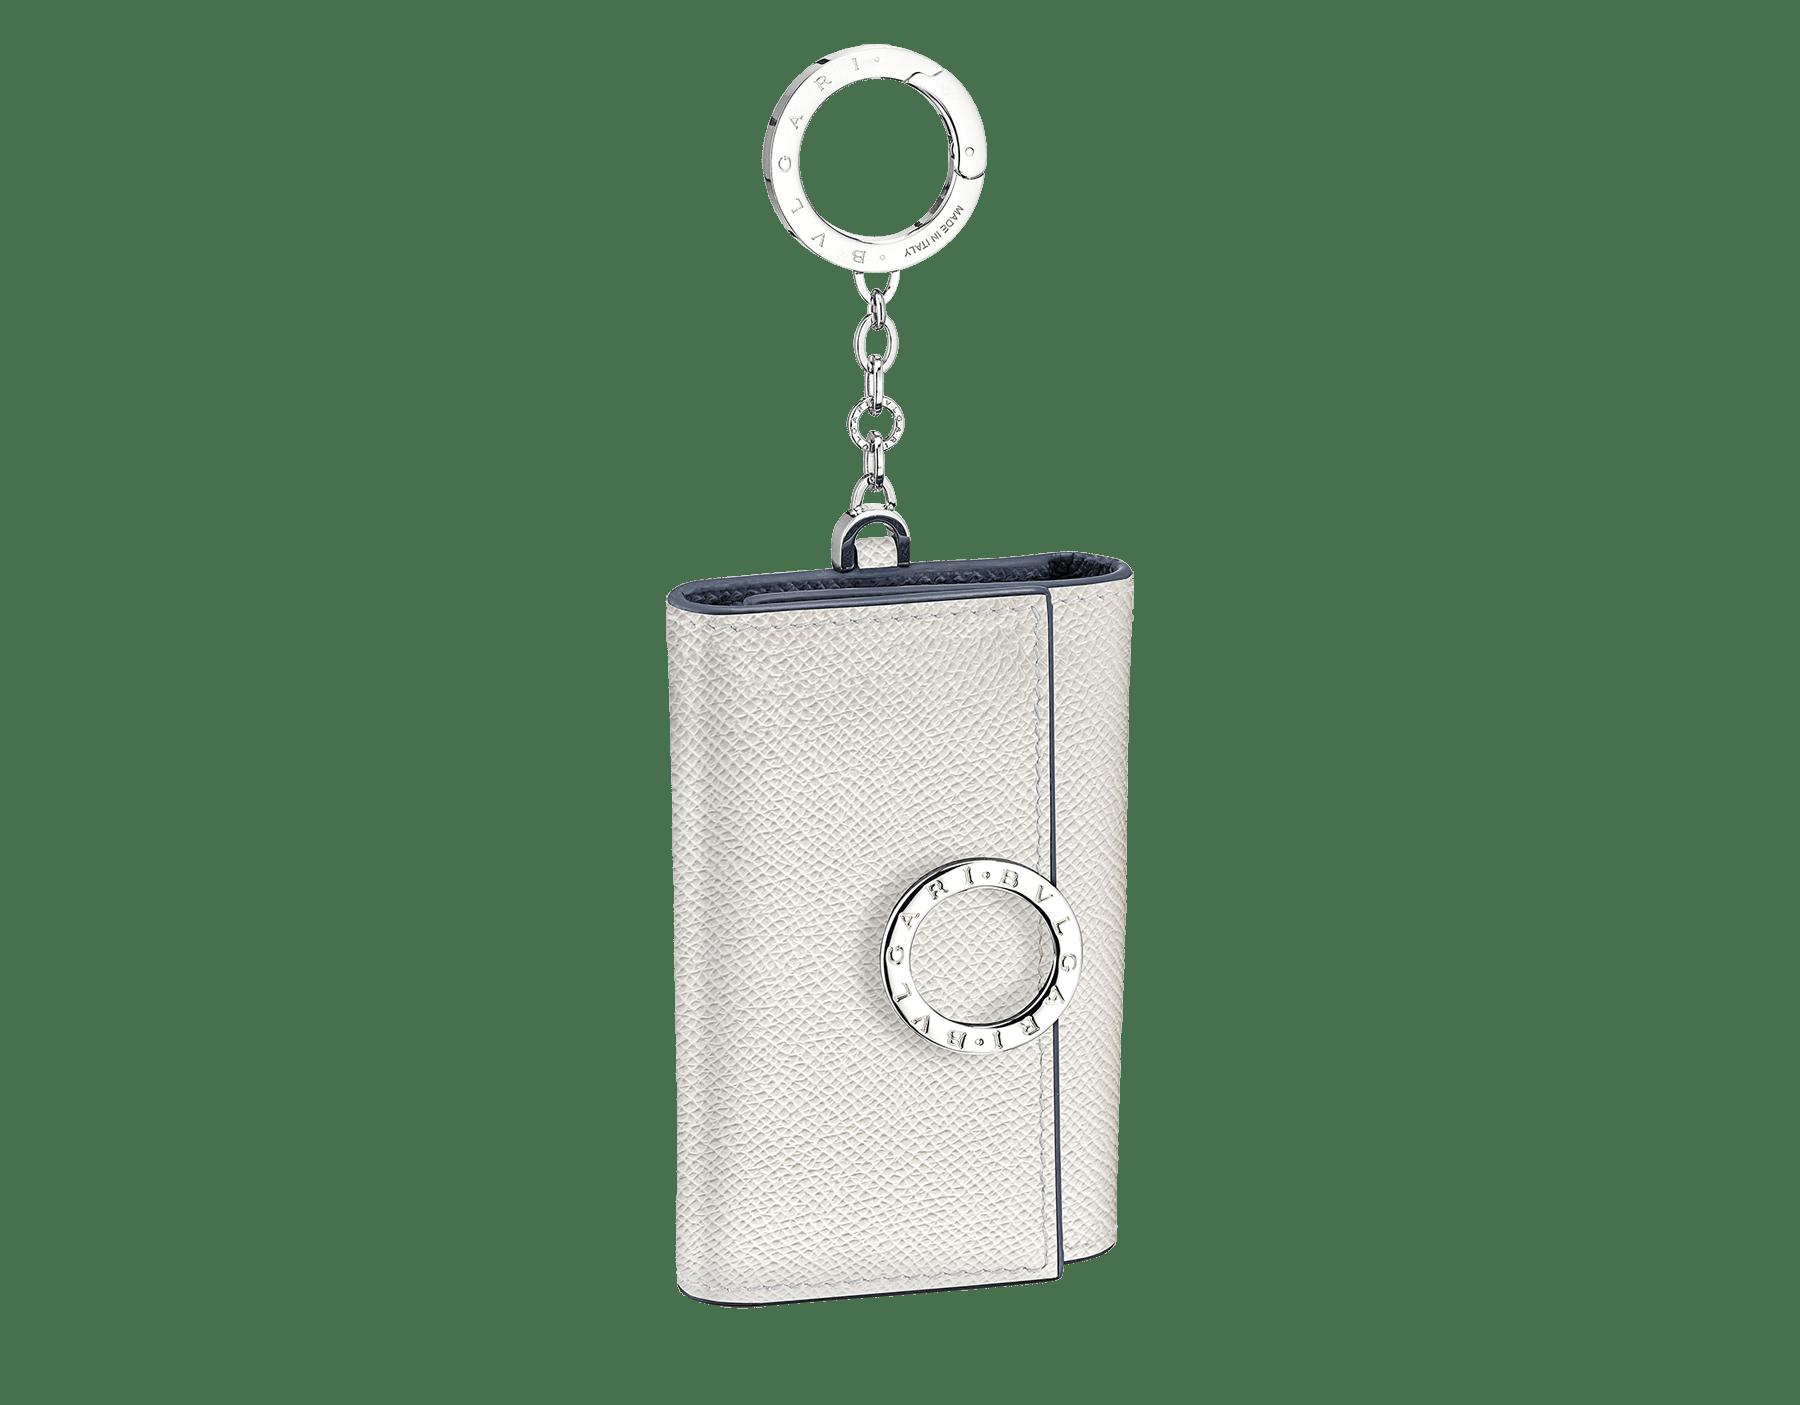 ホワイトアゲートとデニムサファイアブルーのグレインカーフレザー製「ブルガリ クリップ」キーホルダー。 パラジウムプレートブラスのアイコニックなロゴ装飾と、スナップフック。 BCM-KEY-HOLD-CLASPb image 1